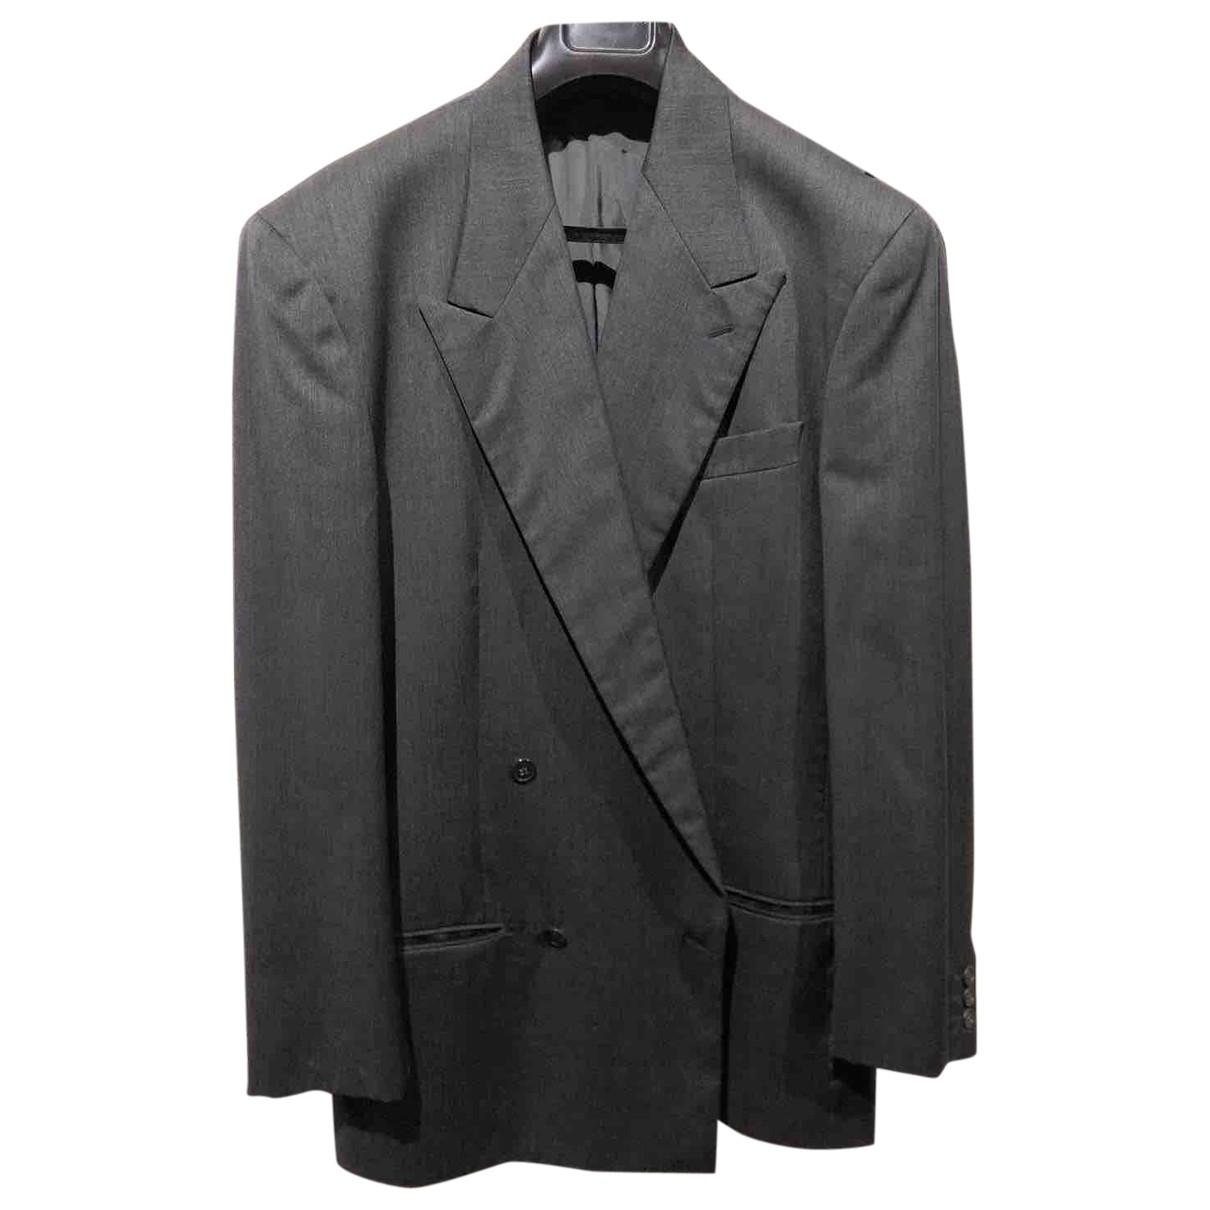 Giorgio Armani - Vestes.Blousons   pour homme en laine - gris